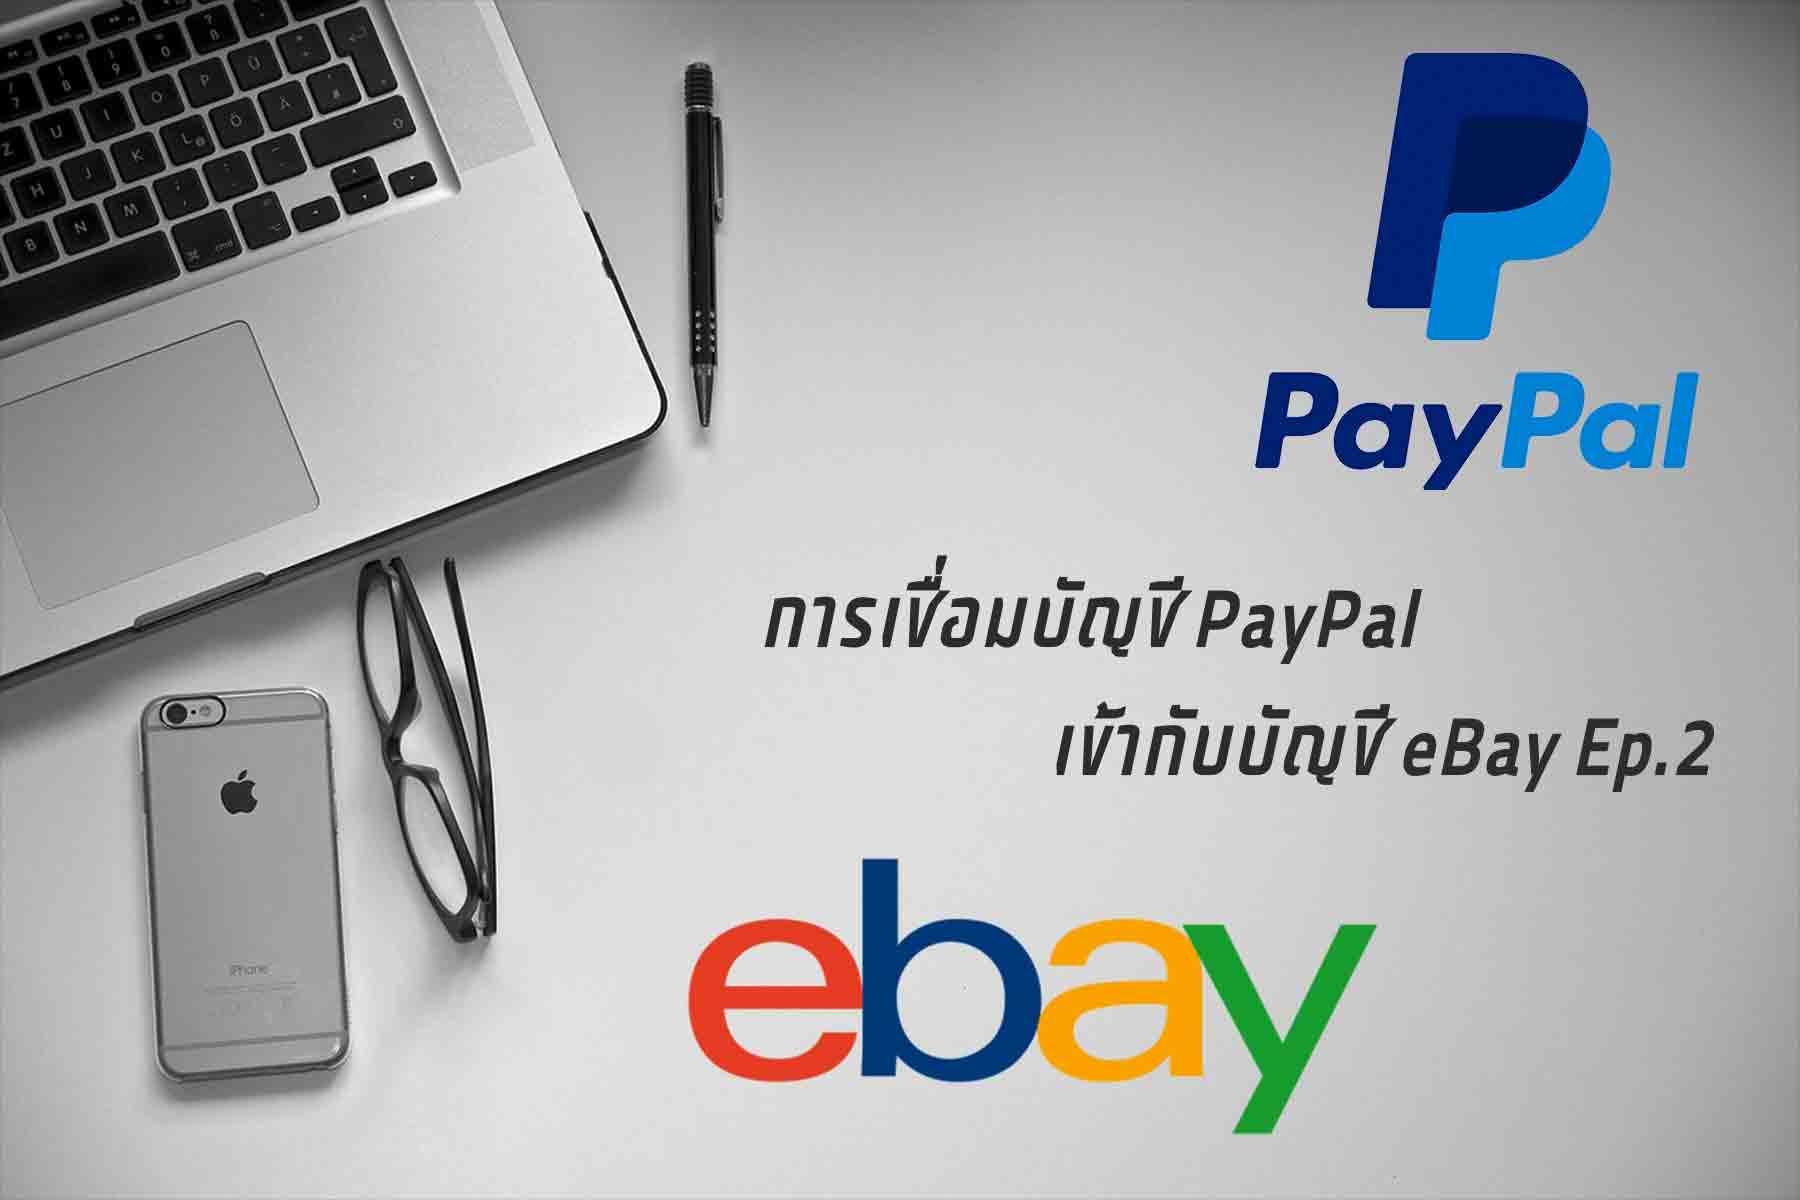 การเชื่อมบัญชี PayPal เข้ากับบัญชี eBay Ep.2